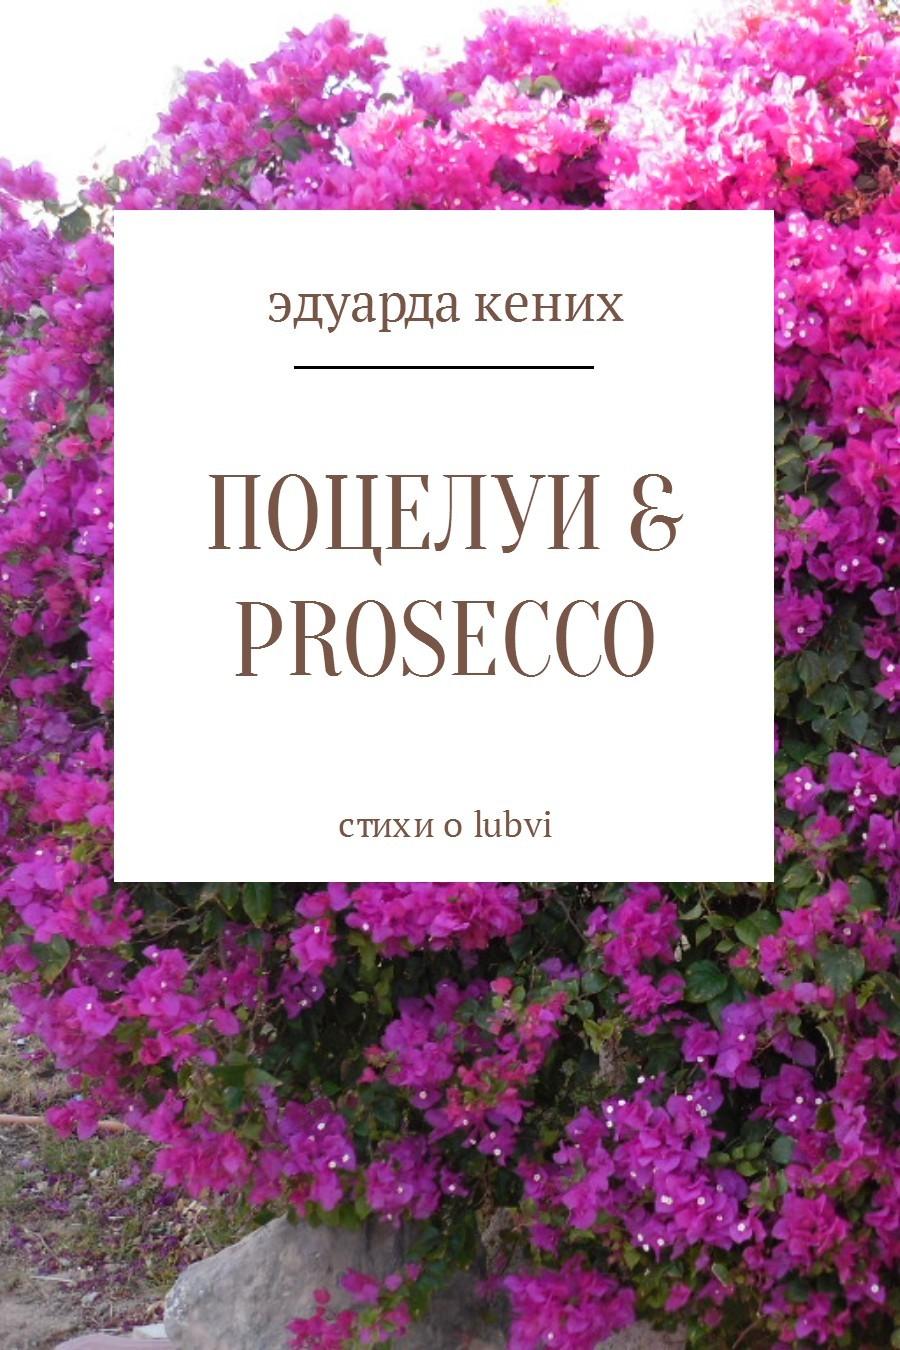 Поцелуи&Prosecco